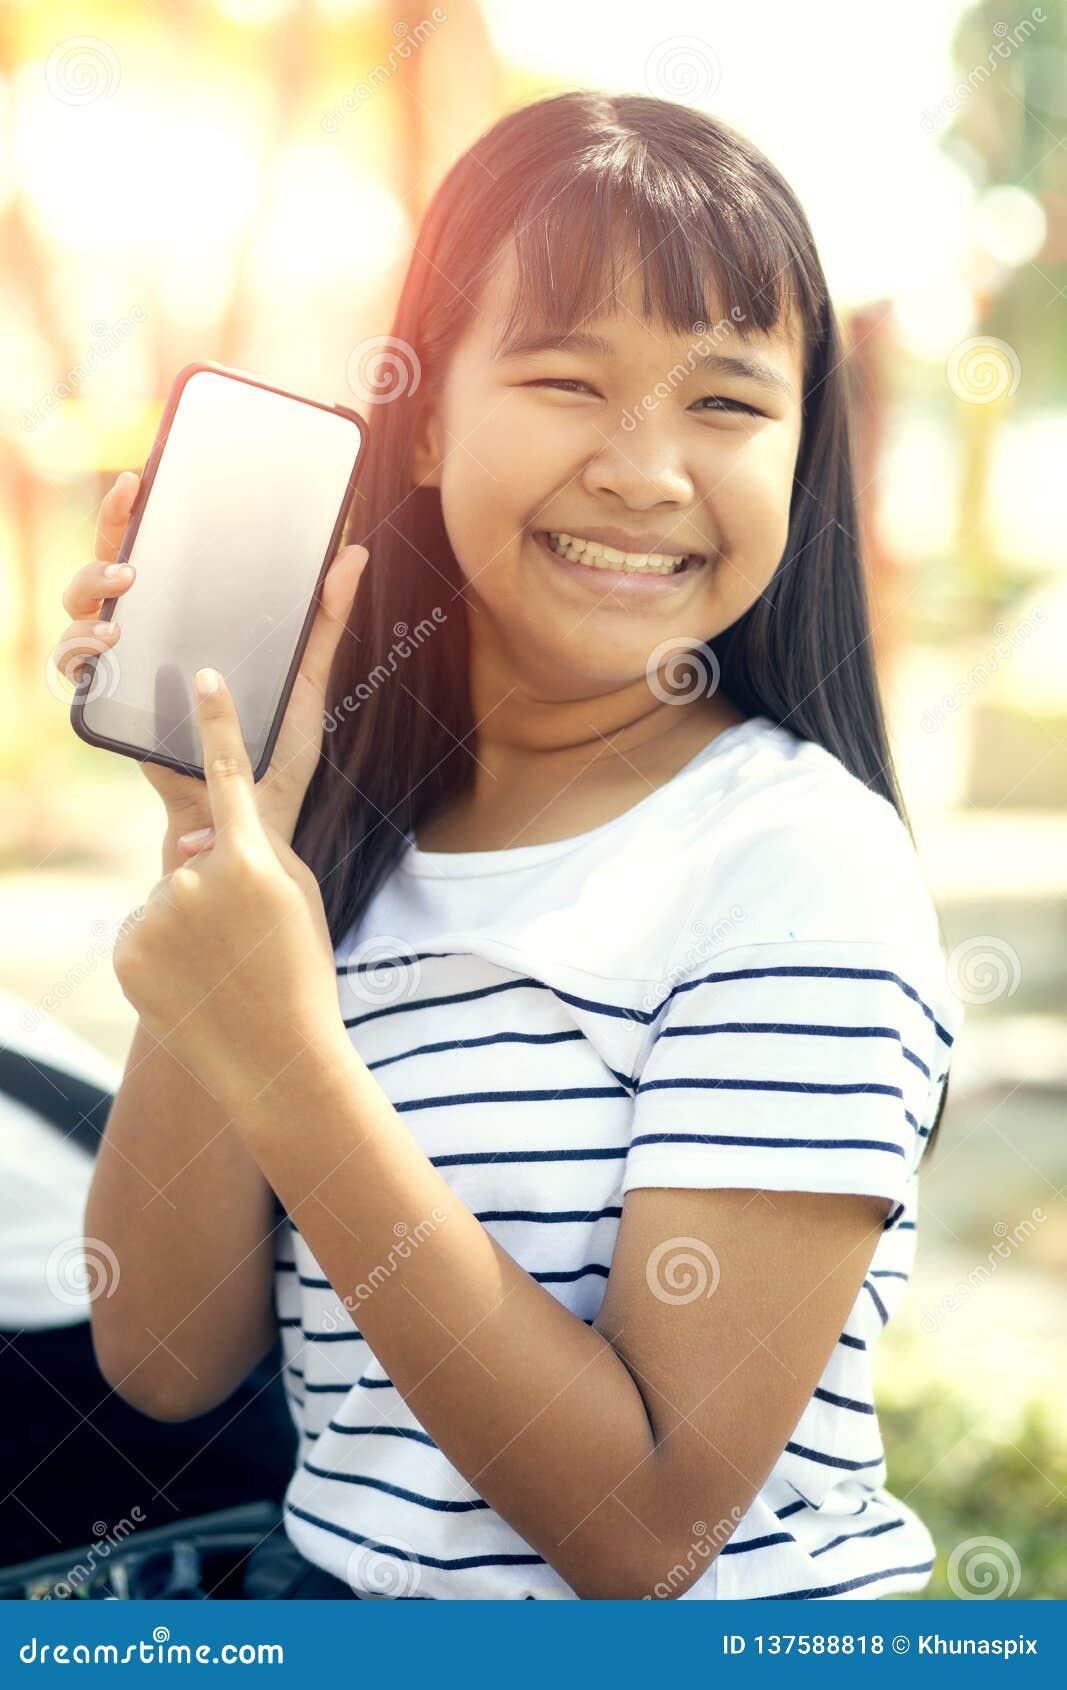 Pantalla blanca de la demostración asiática del adolescente de la pantalla elegante del teléfono y de la emoción sonriente dentud